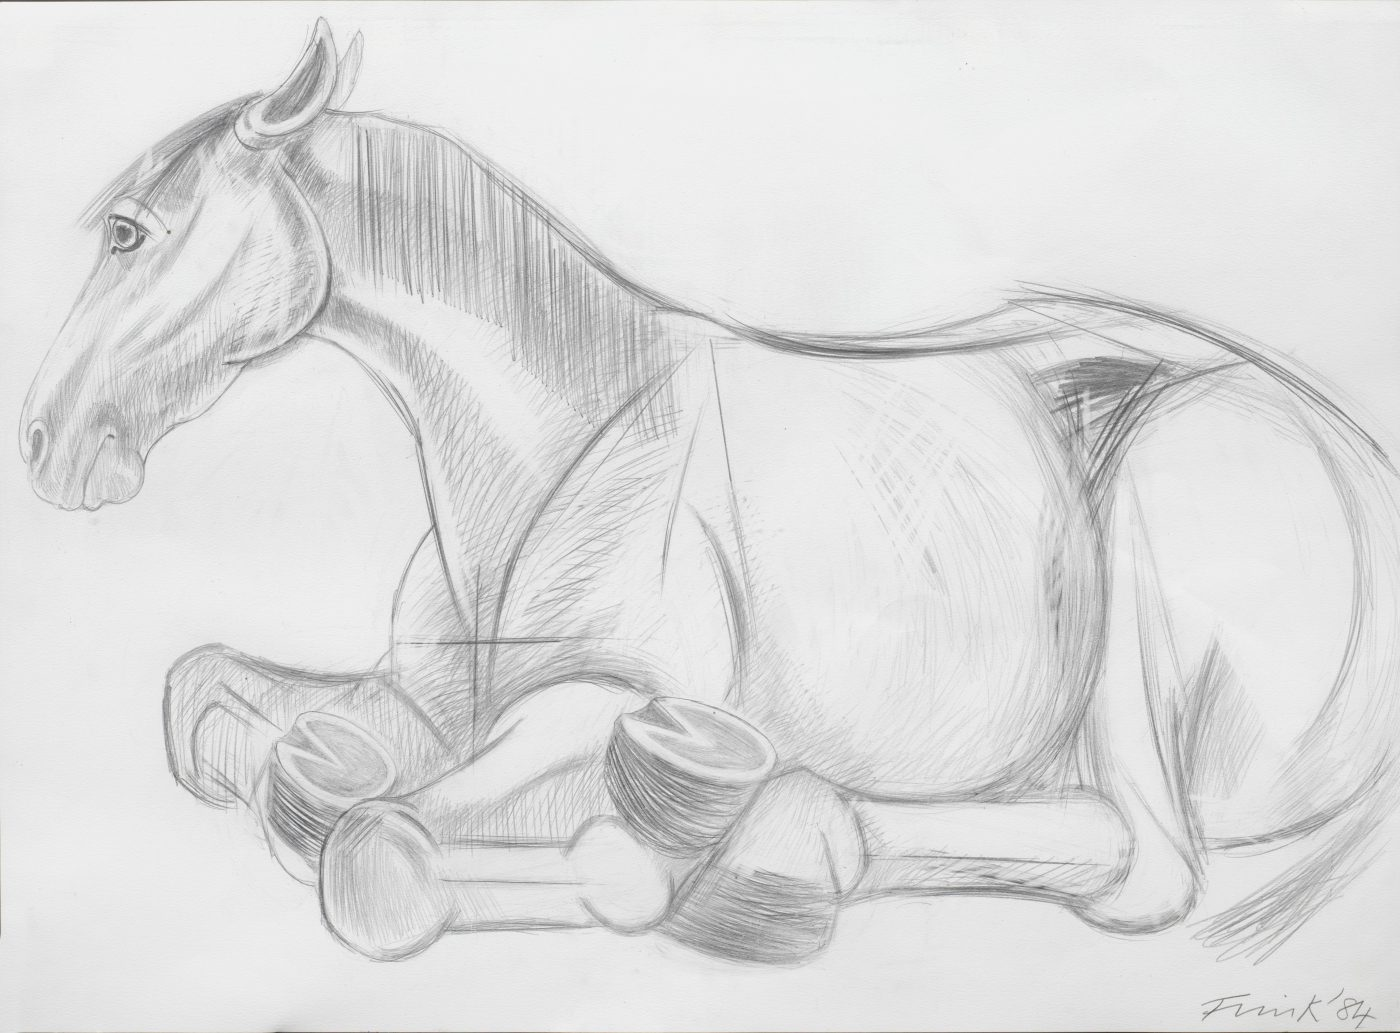 Dame Elisabeth Frink, CH RA (1930-1993), Lying Down Horse